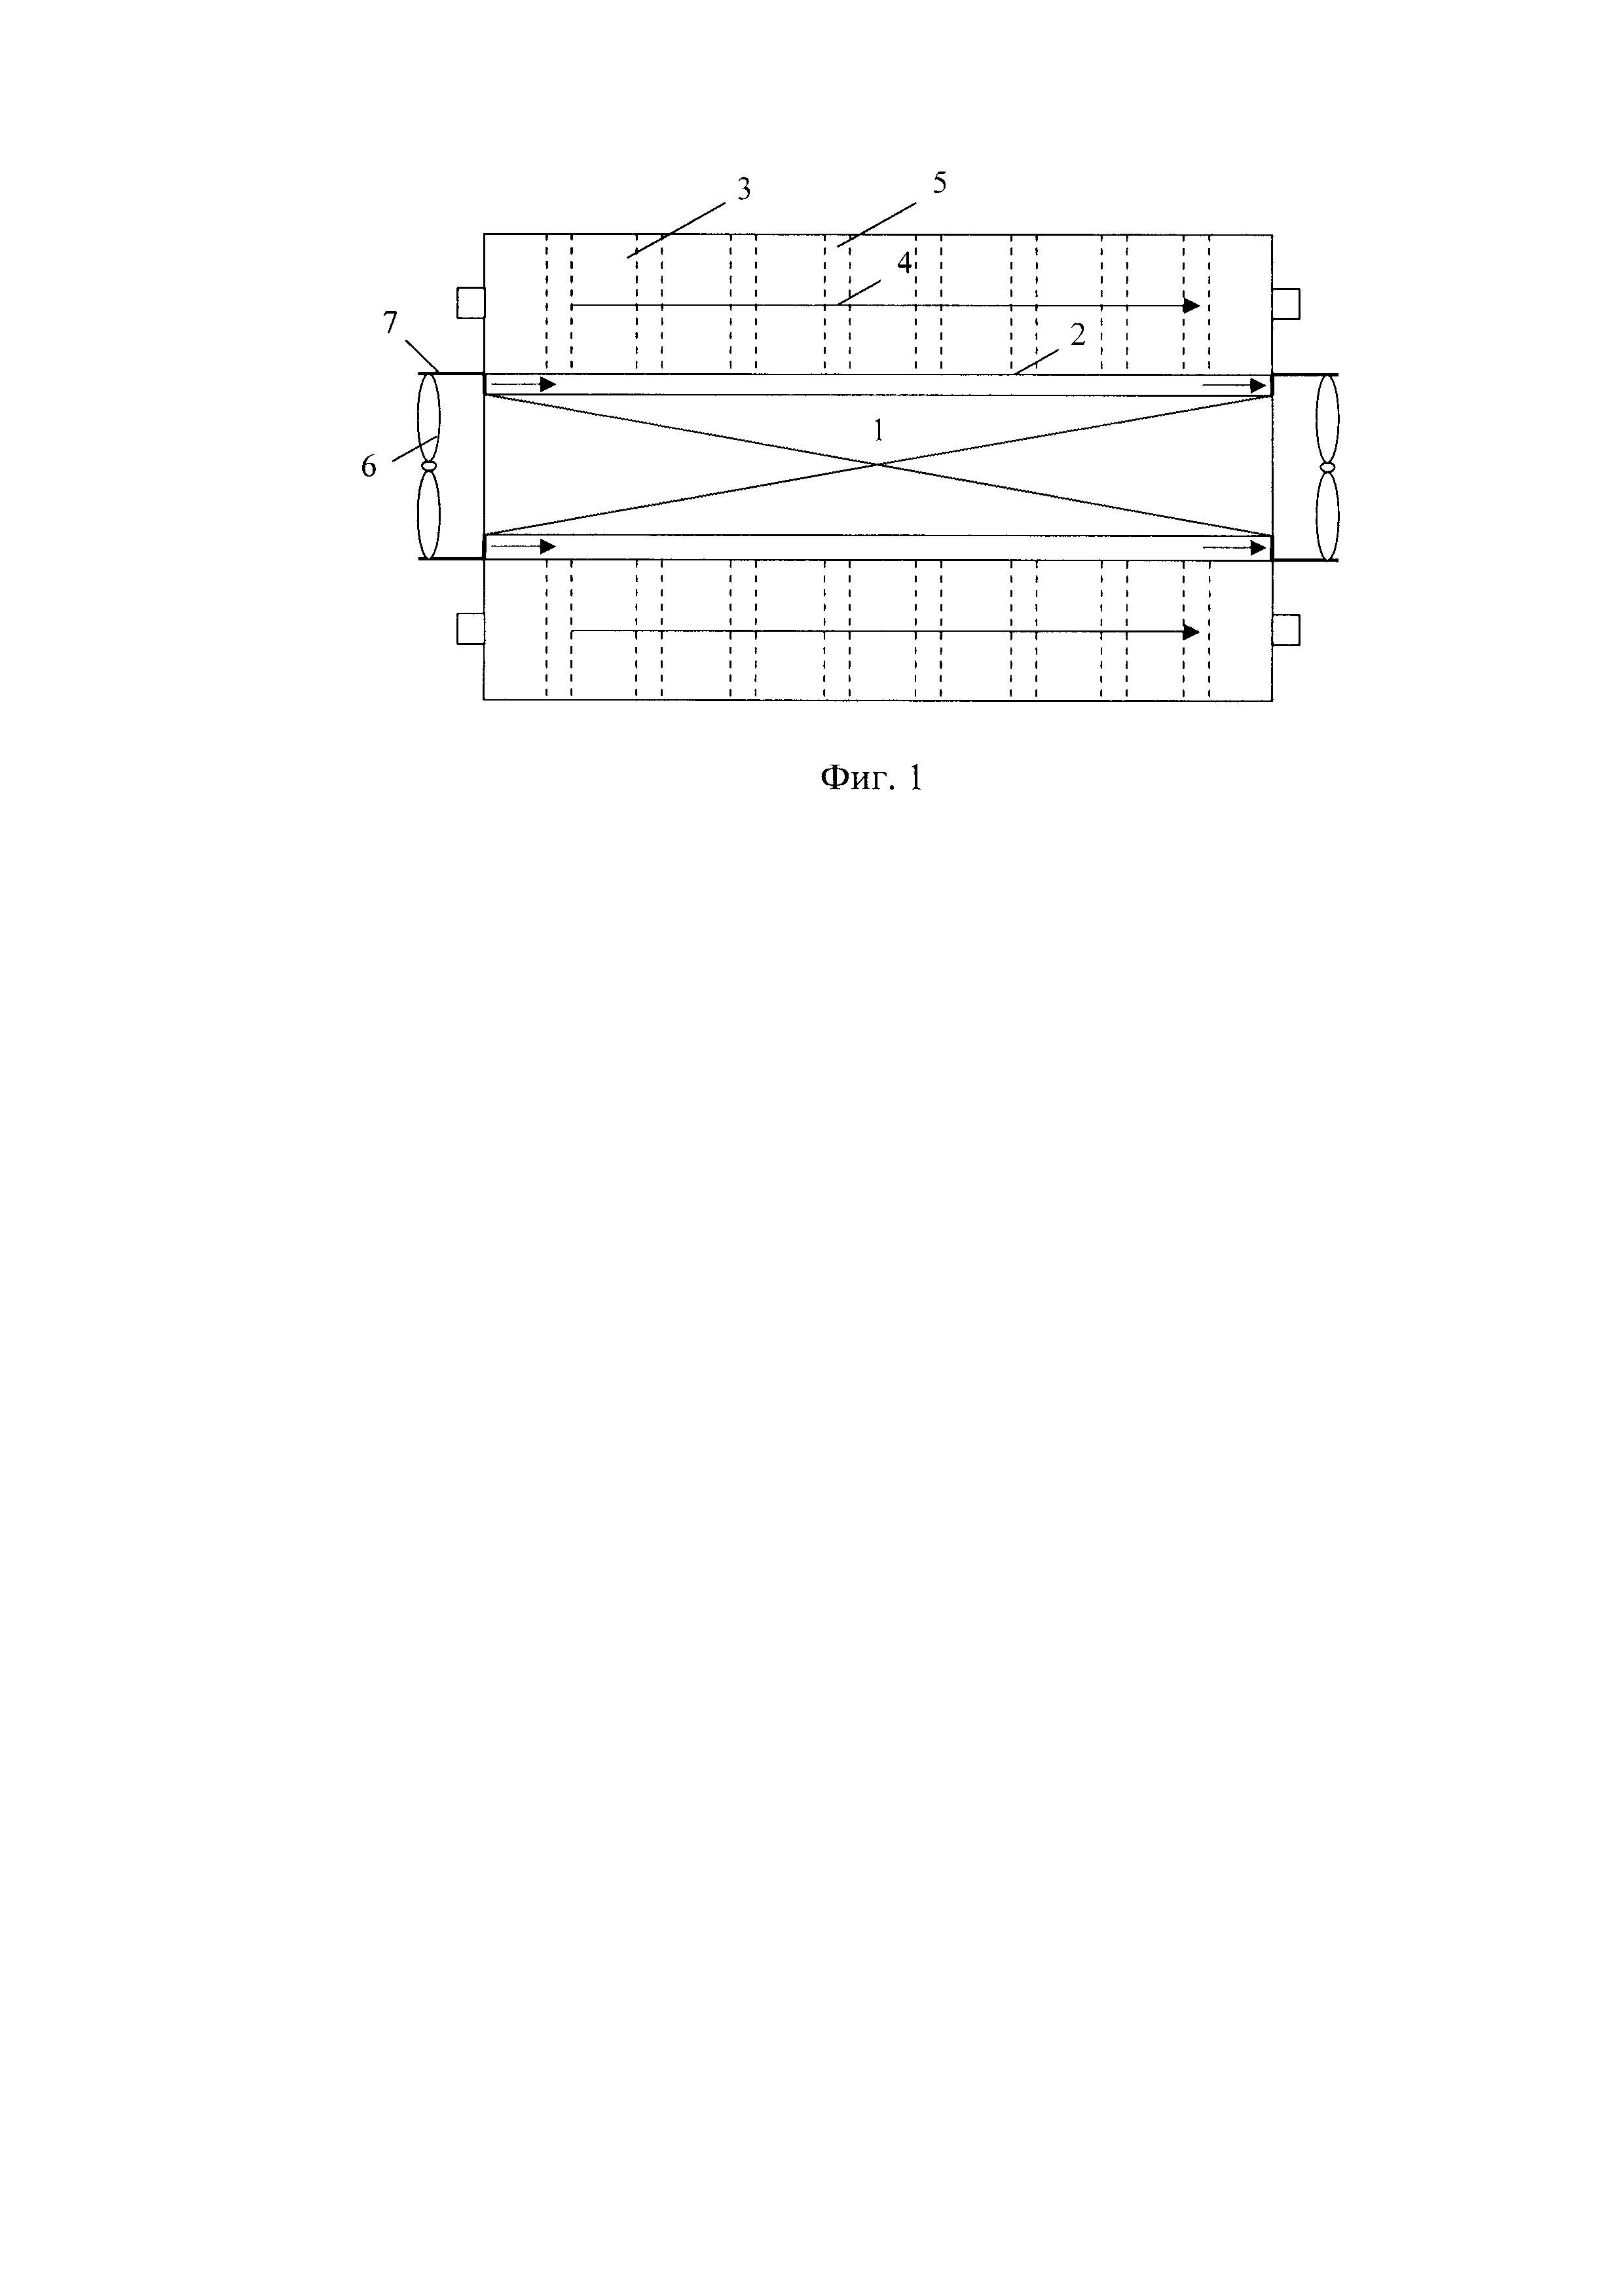 Термоэлектрический интенсификатор теплопередачи между потоками сред с различной температурой